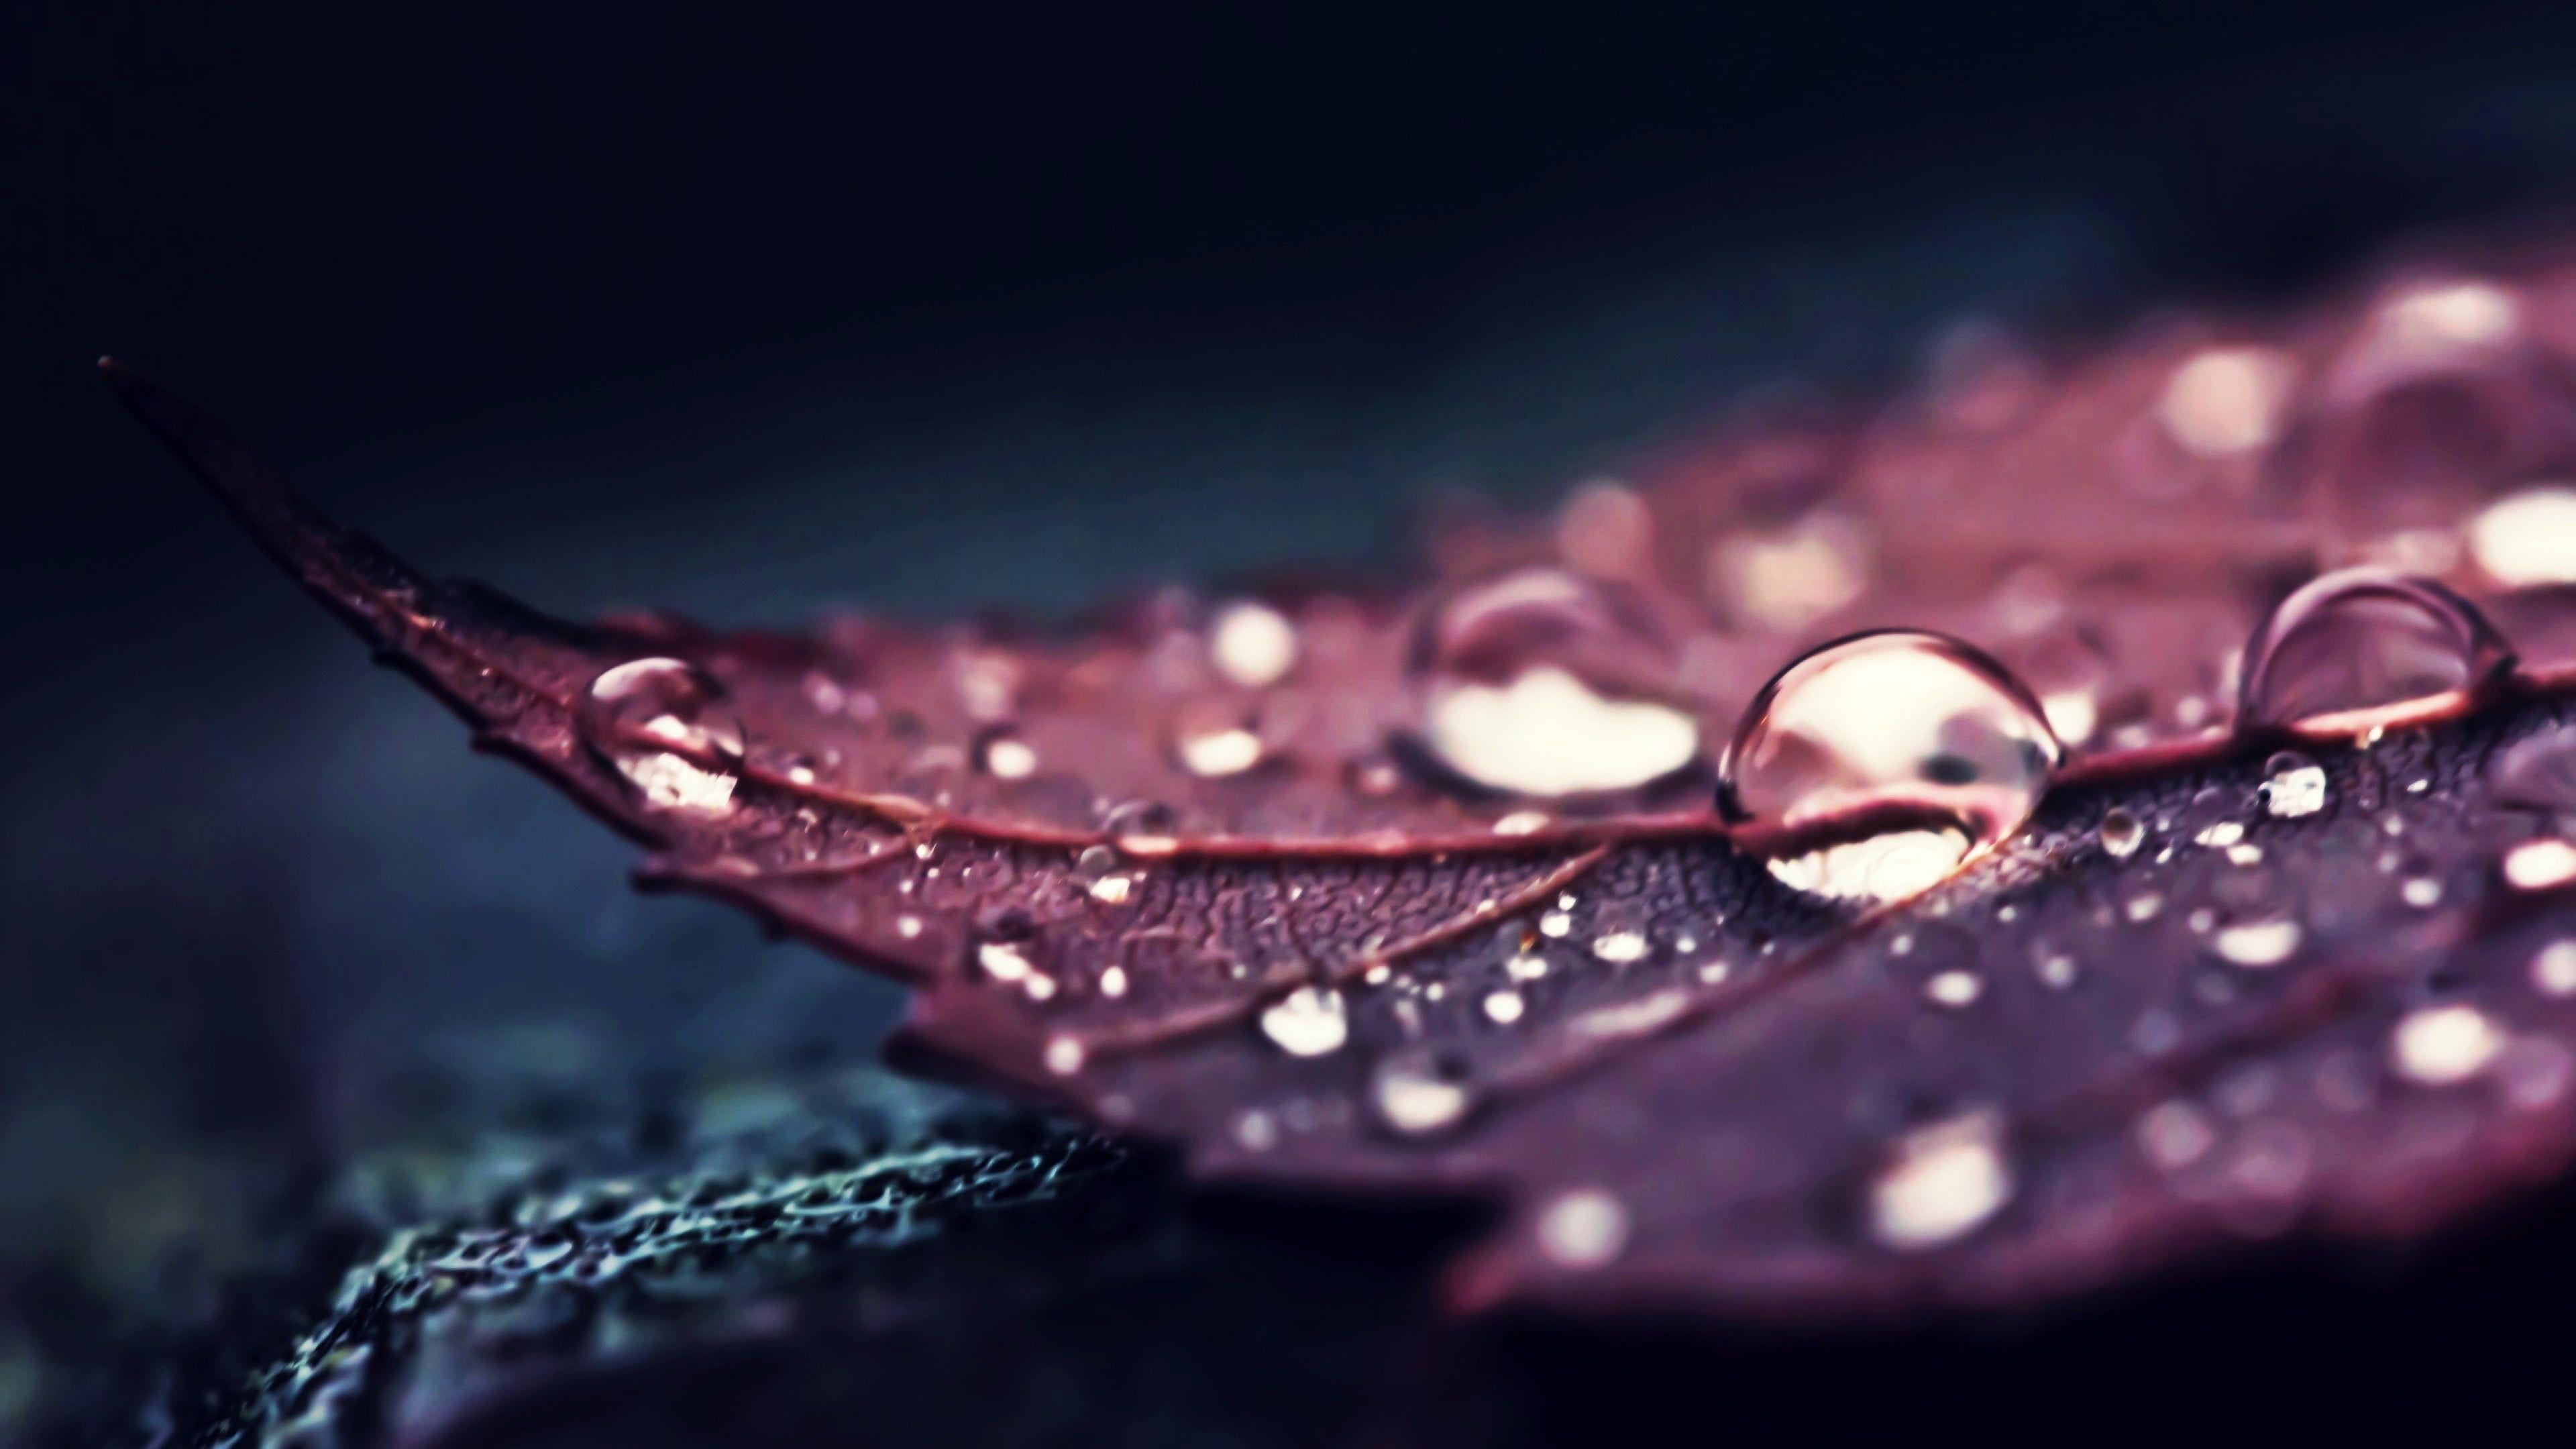 Brown Leaf Nature Leaves Water Macro Water Drops Plants 4k Wallpaper Hdwallpaper Desktop In 2020 Hd Wallpapers For Pc Hd Wallpaper Desktop Wallpaper